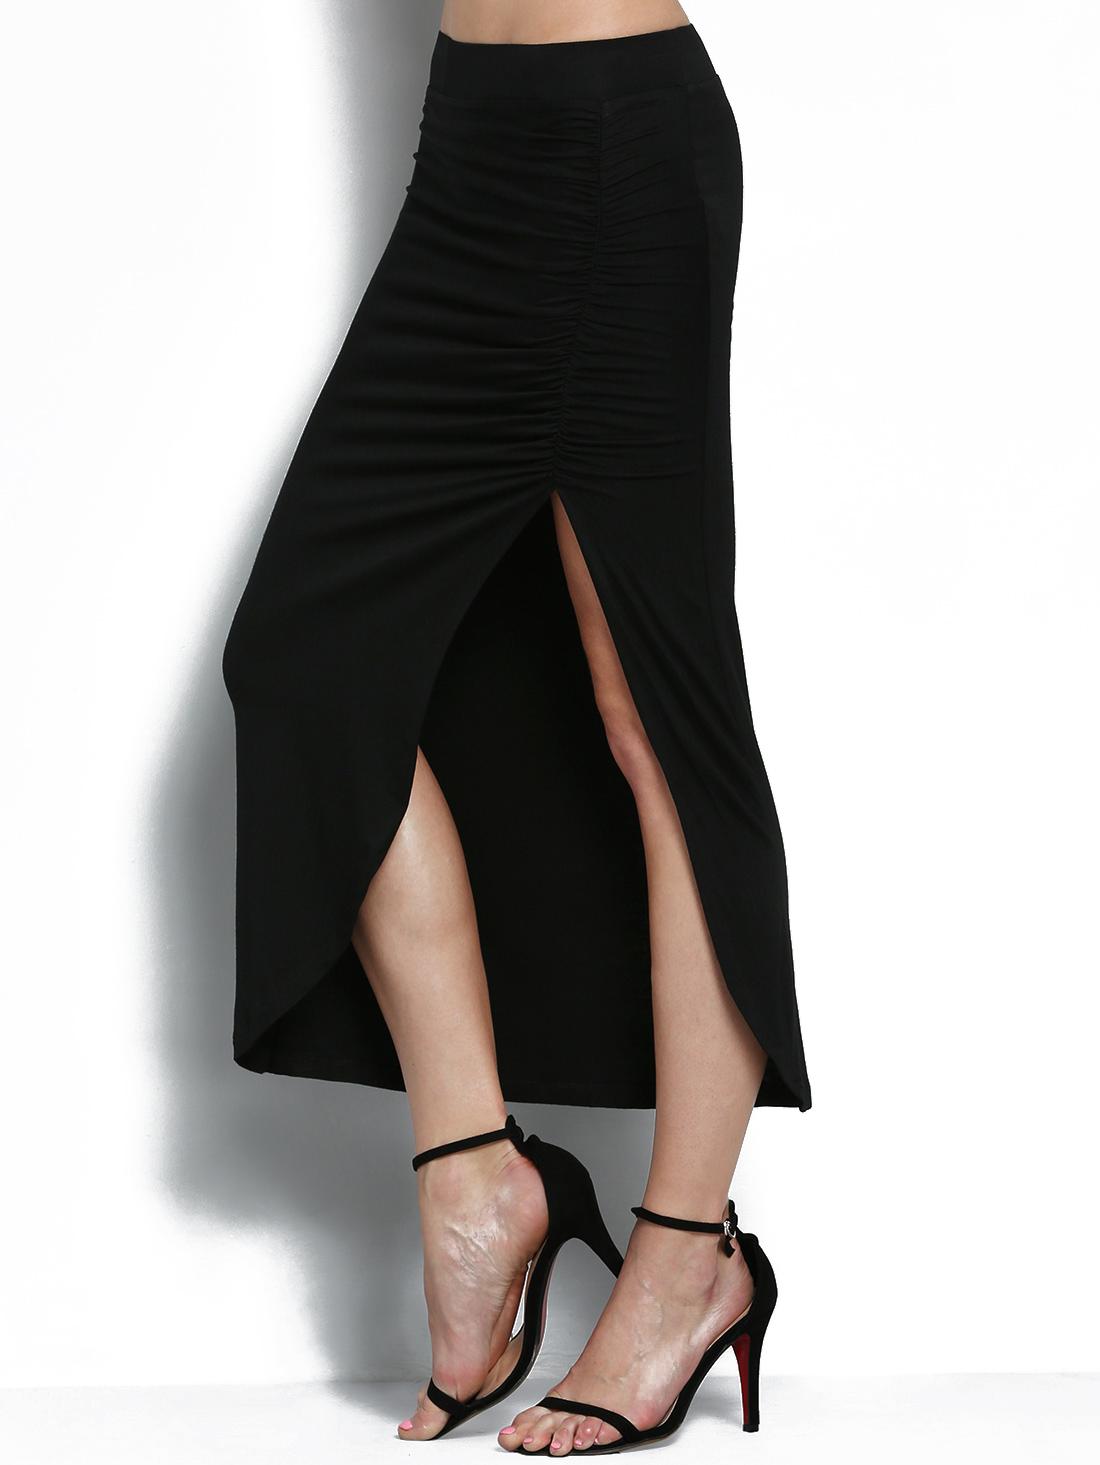 Black Elastic Waist Slit Folds Skirt